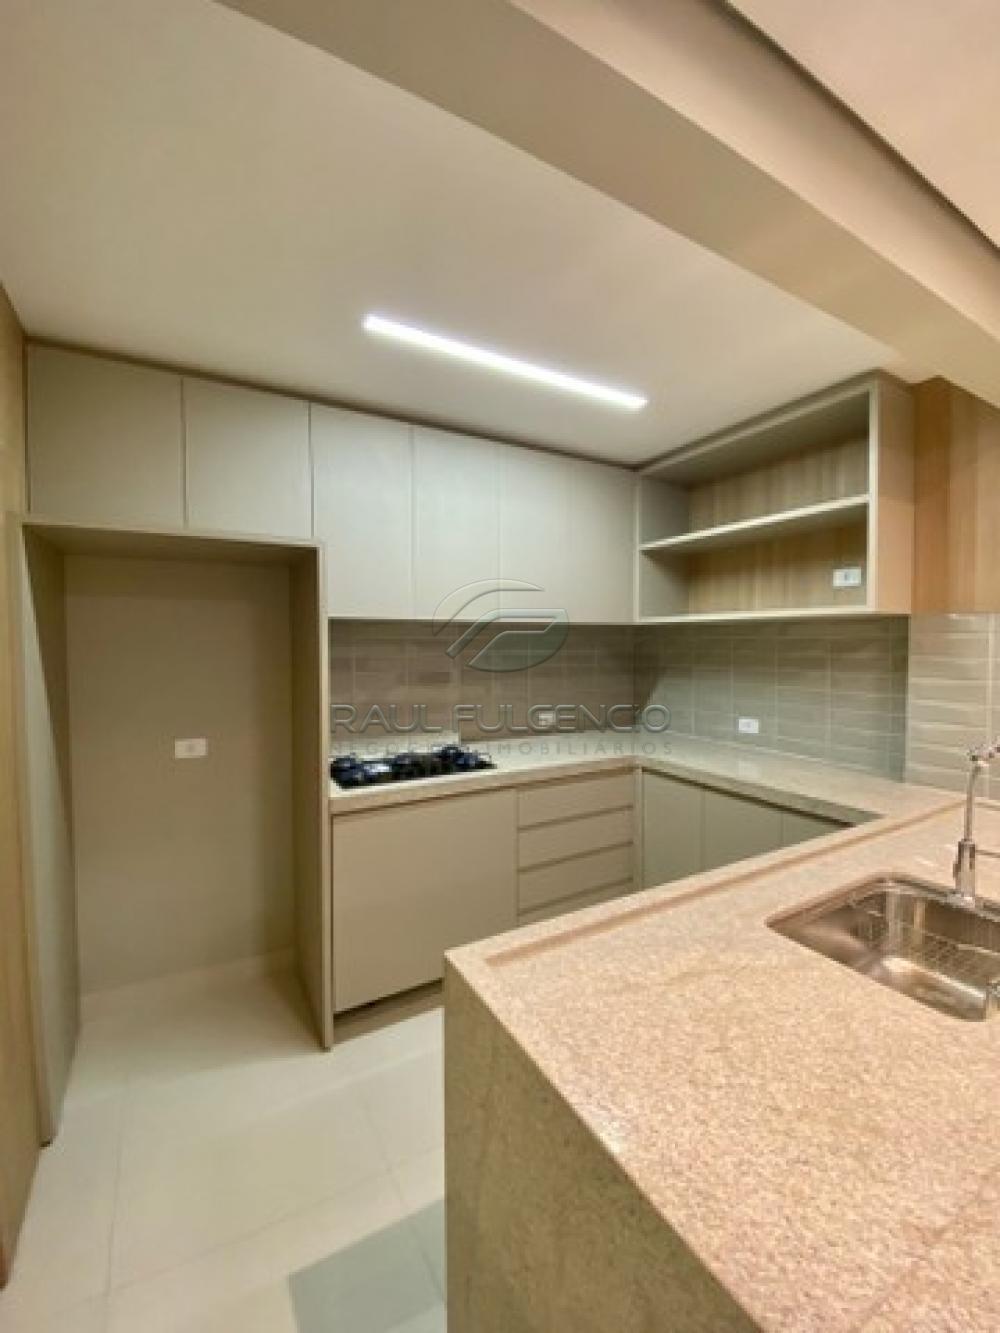 Comprar Apartamento / Padrão em Londrina R$ 499.000,00 - Foto 13